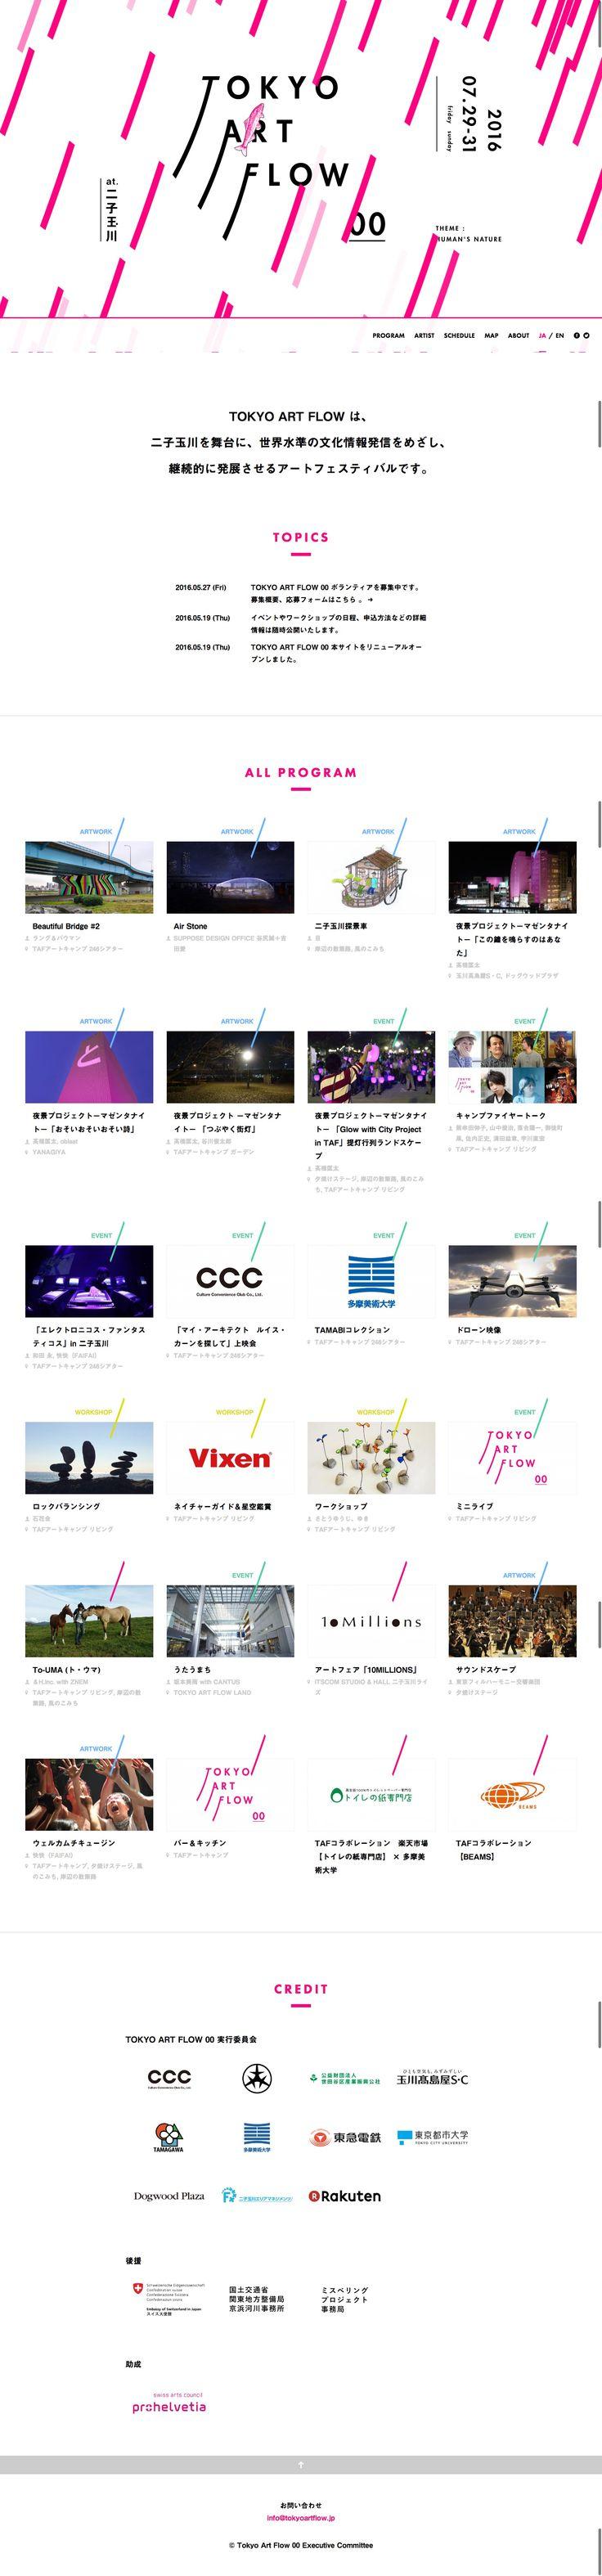 Color art tipografia - 17 Migliori Immagini Su Colors Su Pinterest Ibm Tipografia E Poster Giapponese